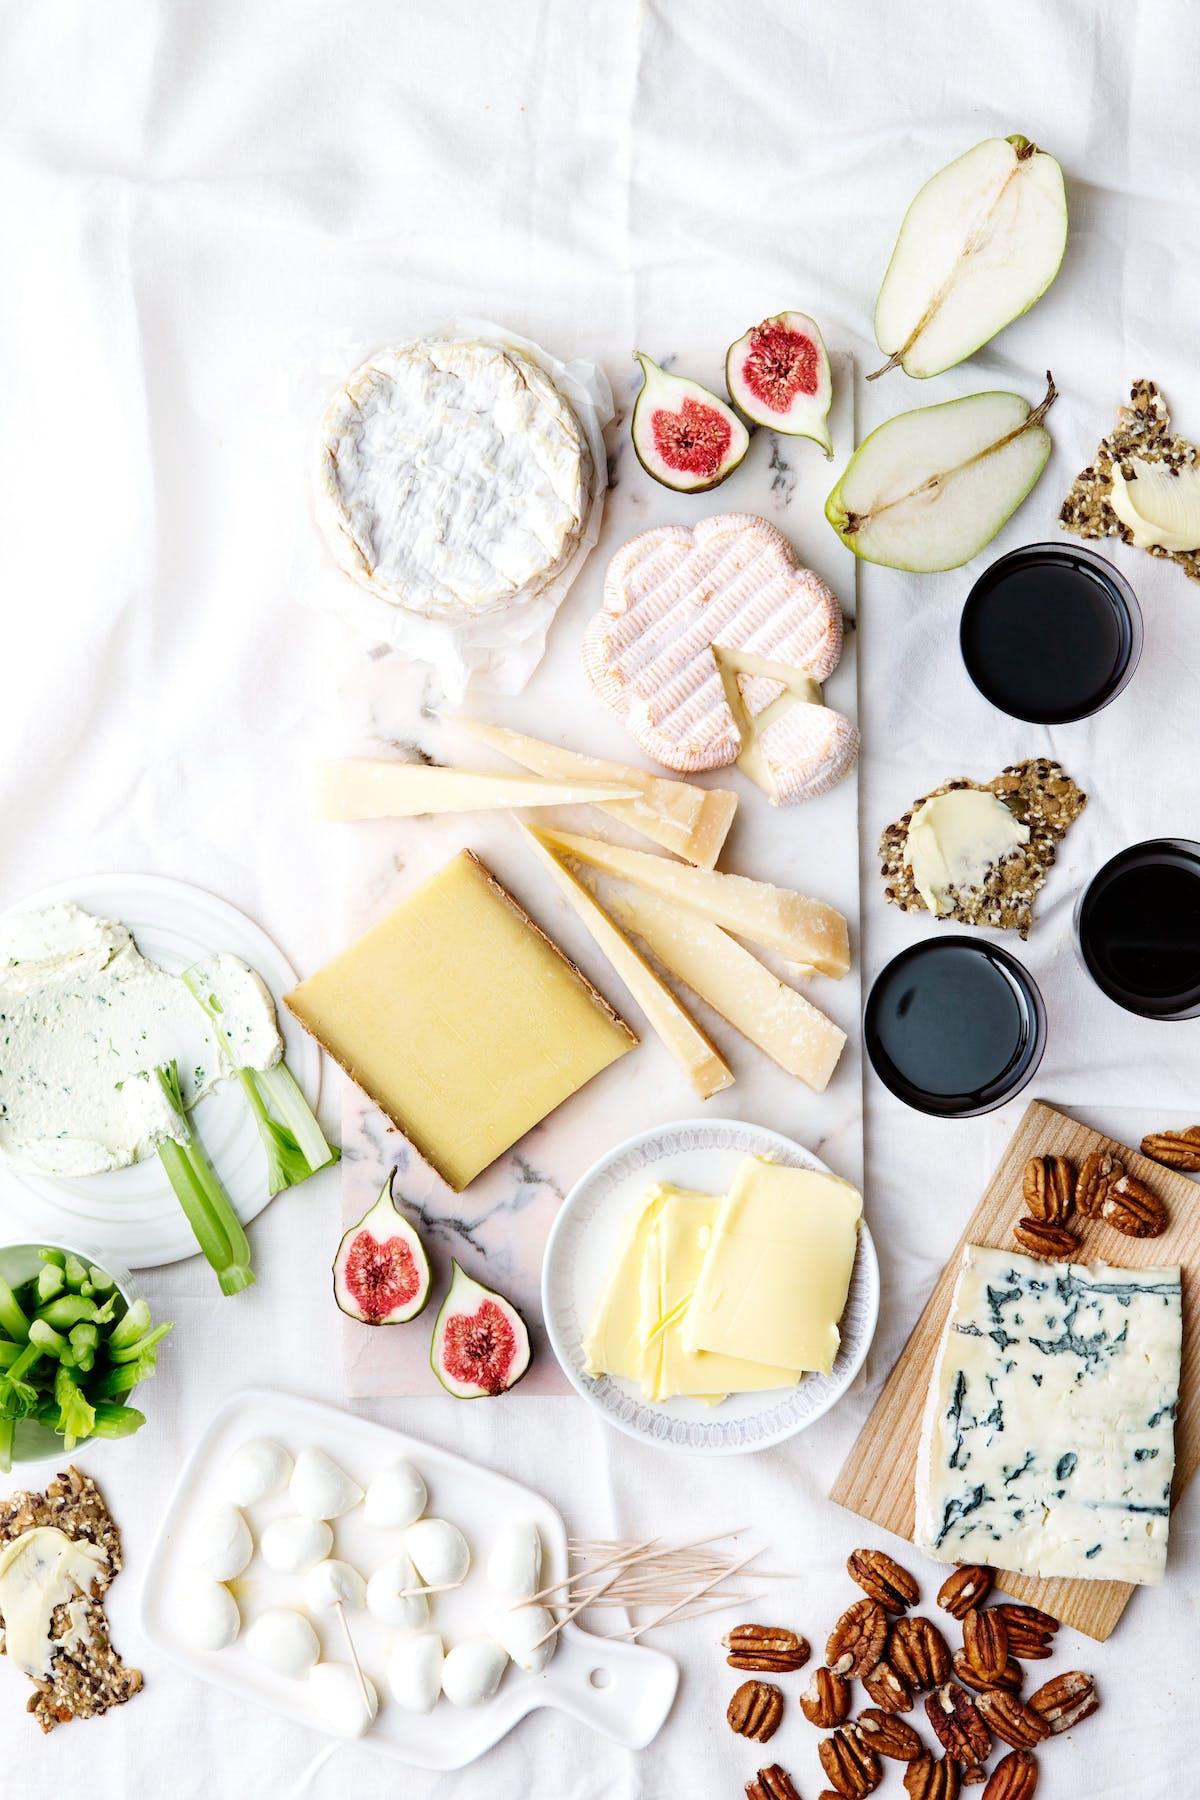 Tabla de quesos low-carb